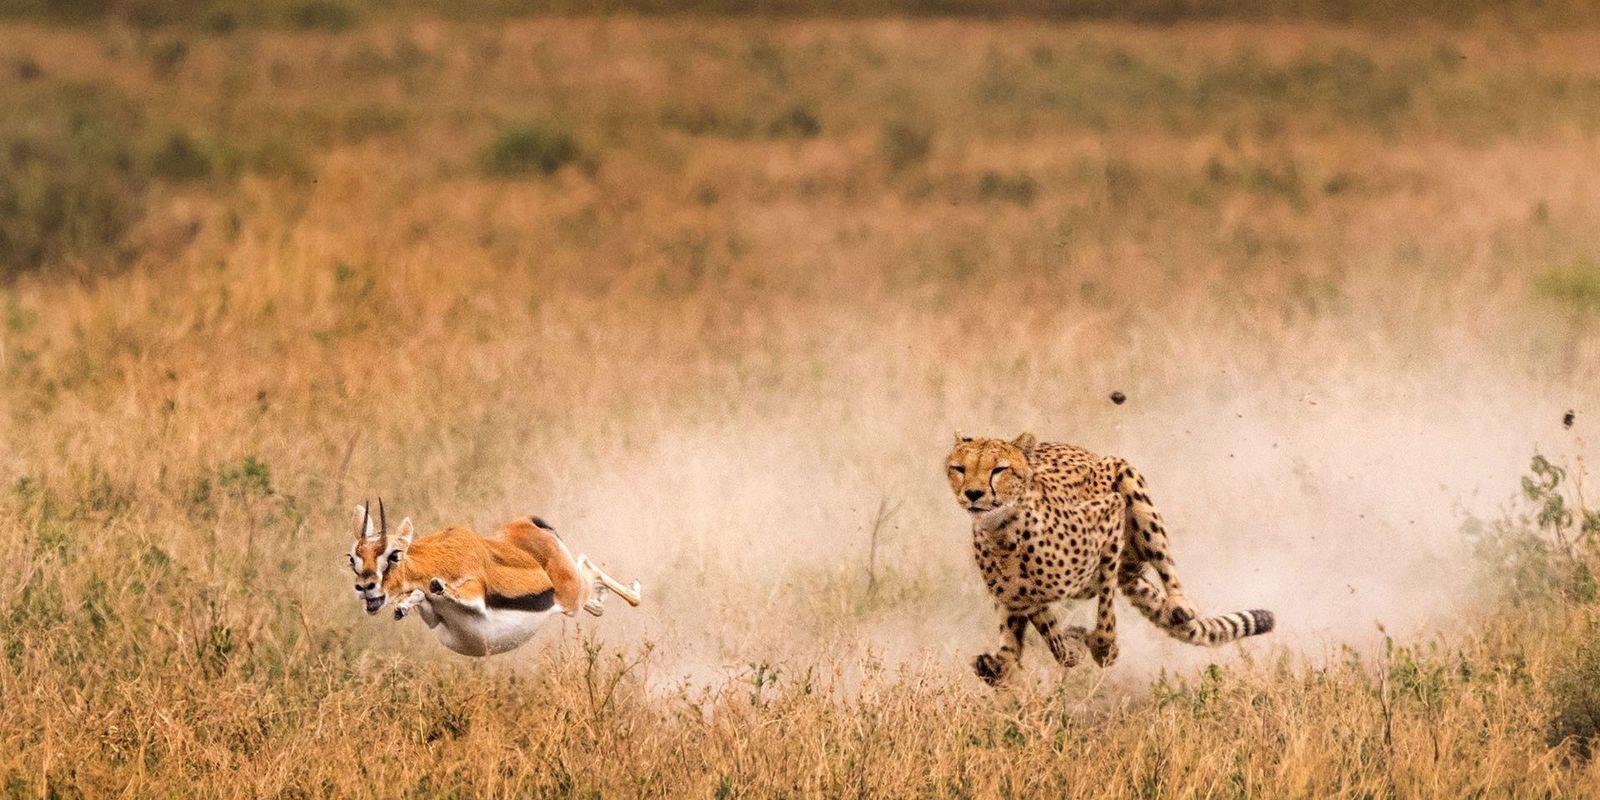 Los guepardos mantienen la cabeza quieta mientras corren: ¿cómo lo hacen?